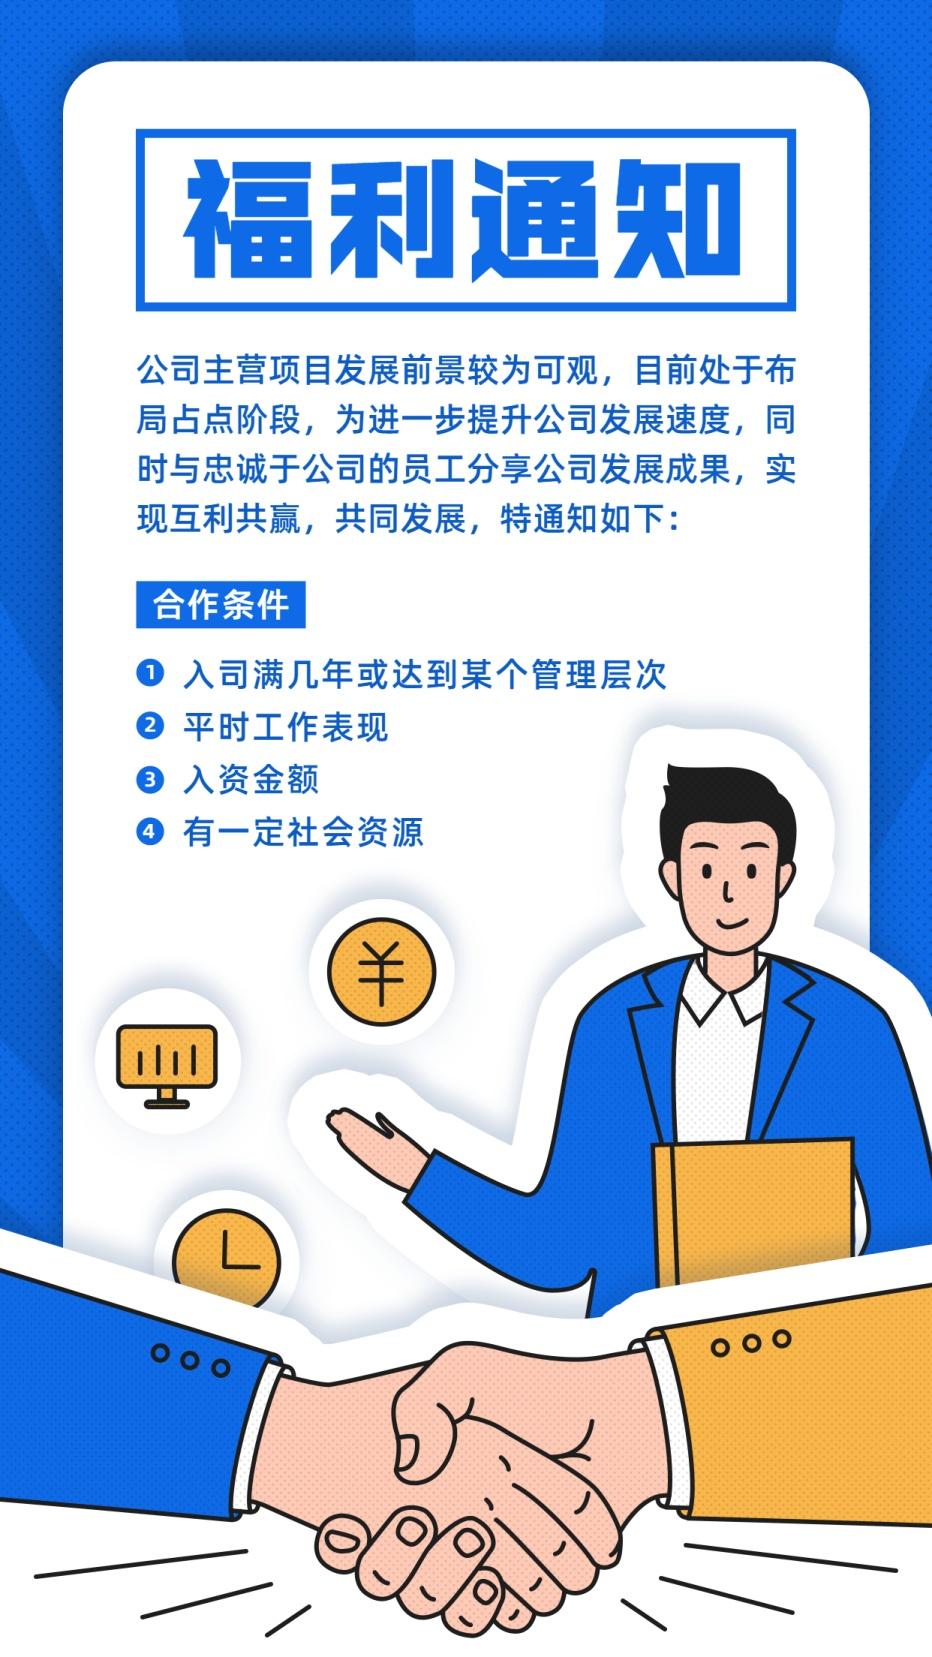 企业合作/福利公告通知/手机海报